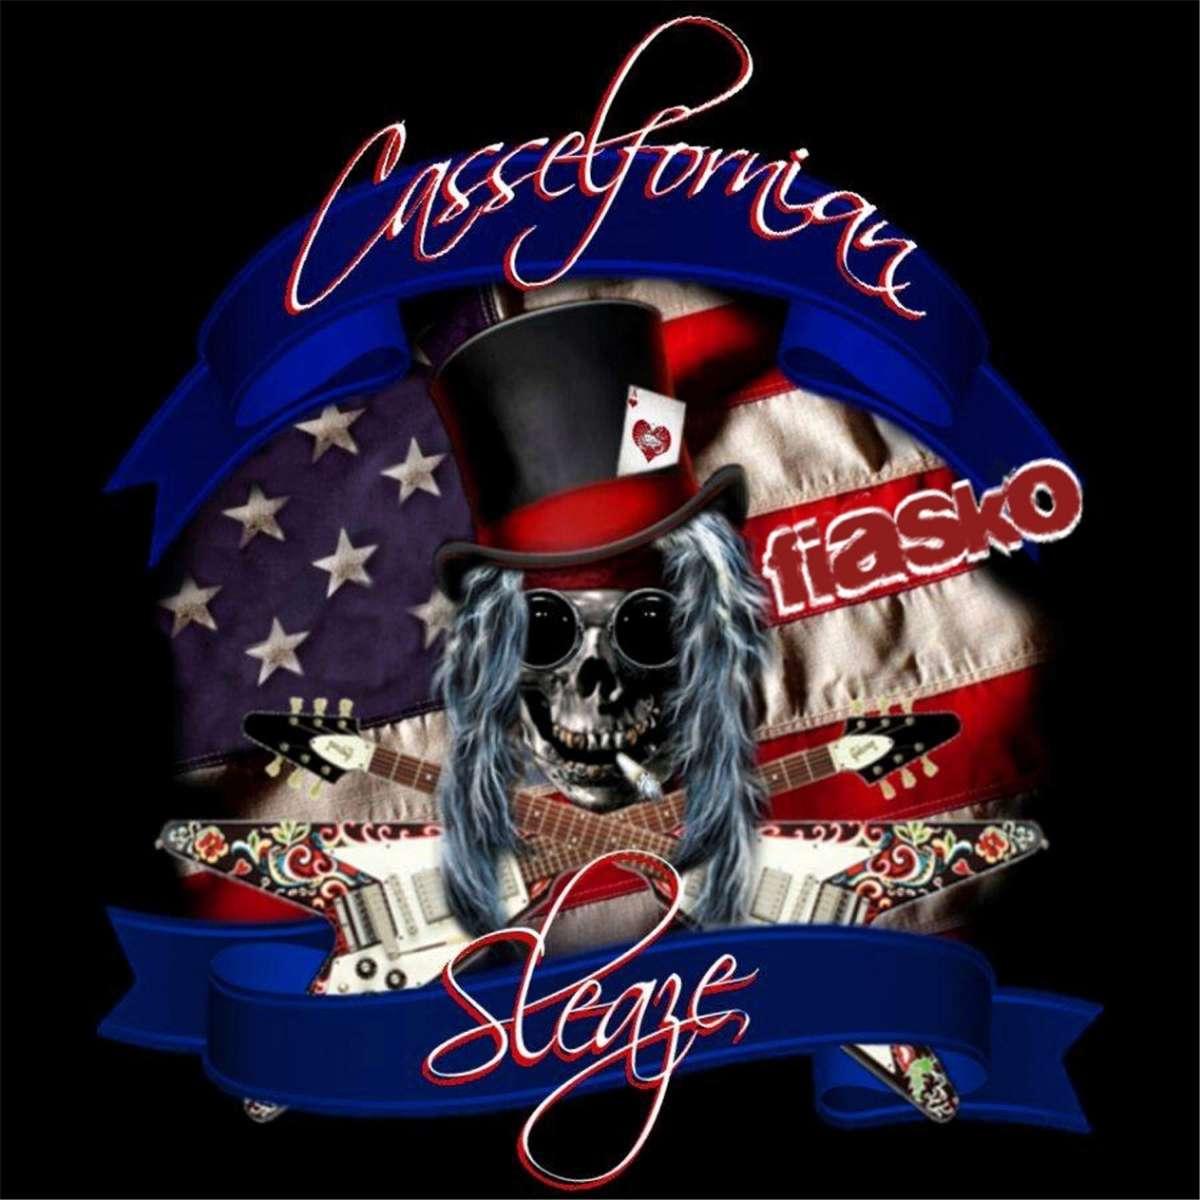 ABGESAGT! Casselfornian Sleaze - Die Glam Rock & Sleaze Metal Party - DJ Dirk, DJ D. Evil - Fiasko - Kassel